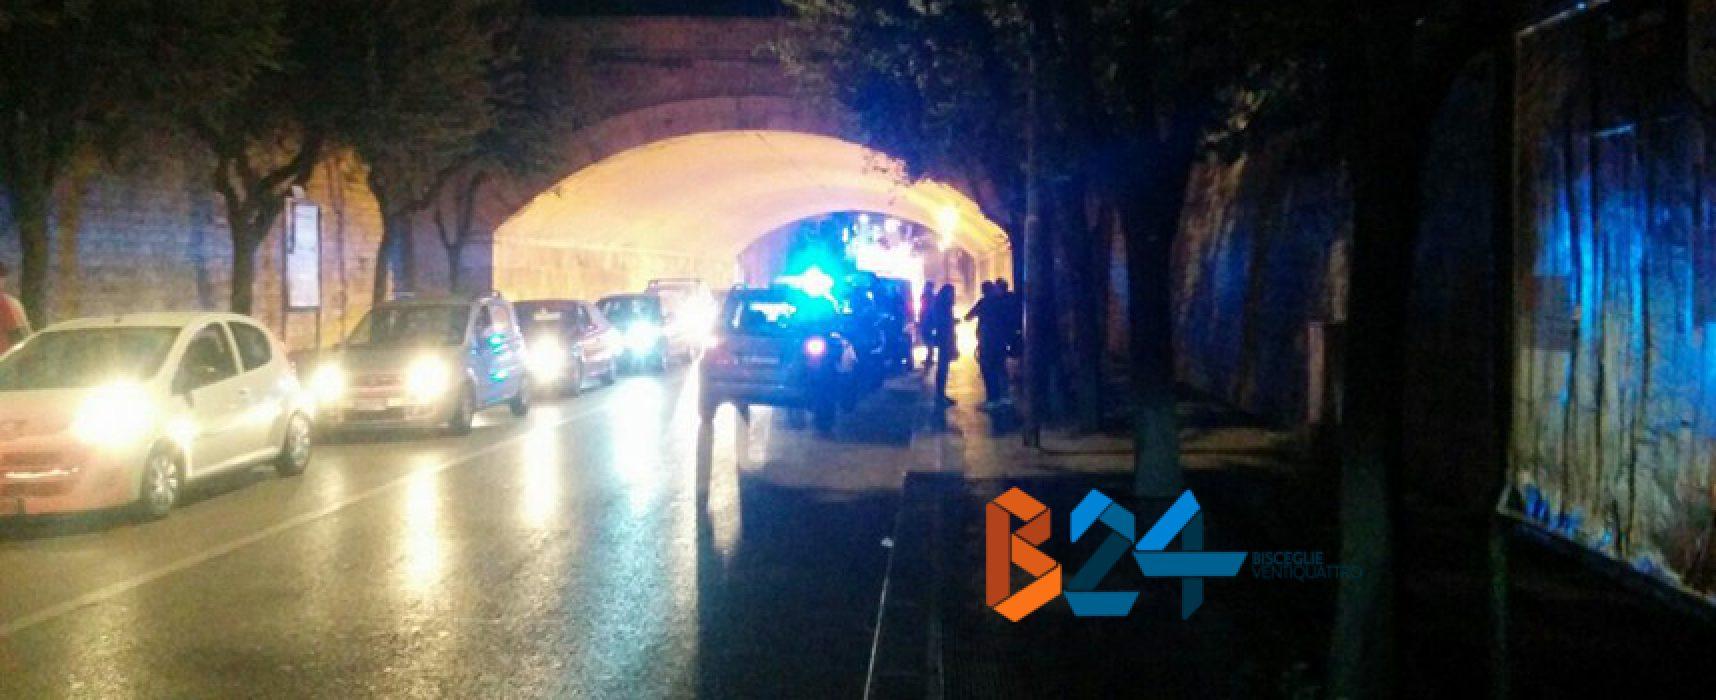 Ragazza 17enne investita in via Piave, trasportata al pronto soccorso